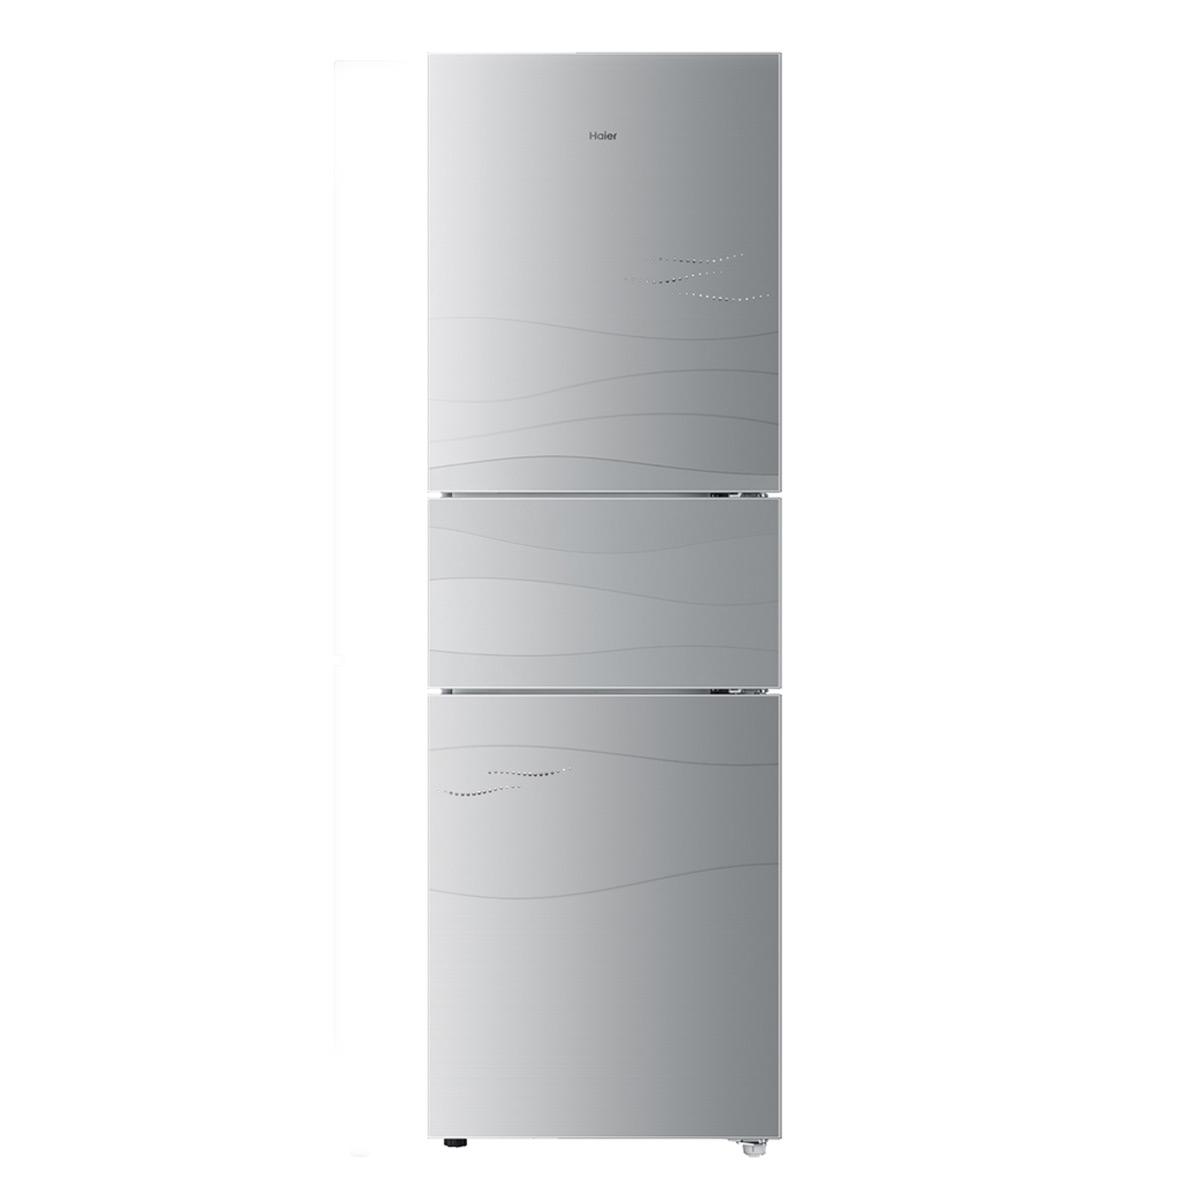 海尔Haier冰箱 BCD-235STCY 说明书